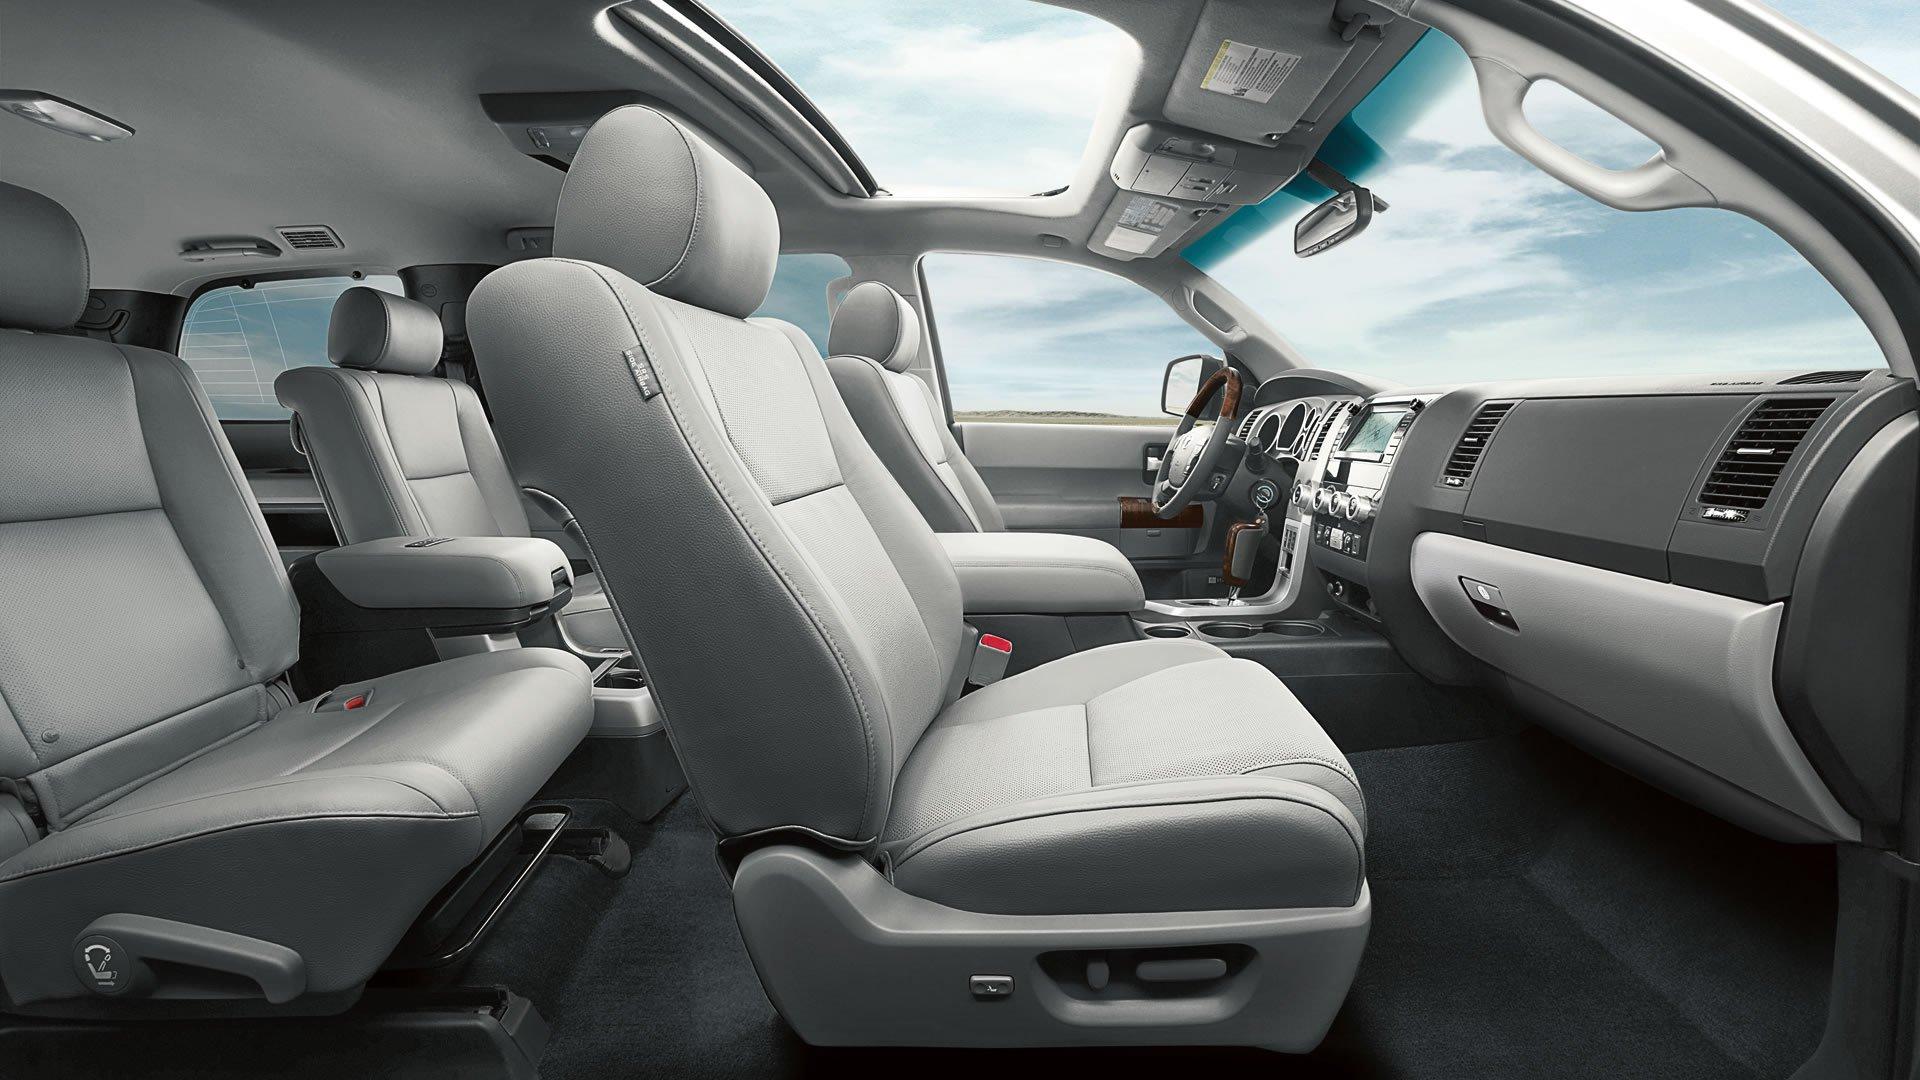 1401125706 05 - Тест-драйв Toyota Sequoia (2014)